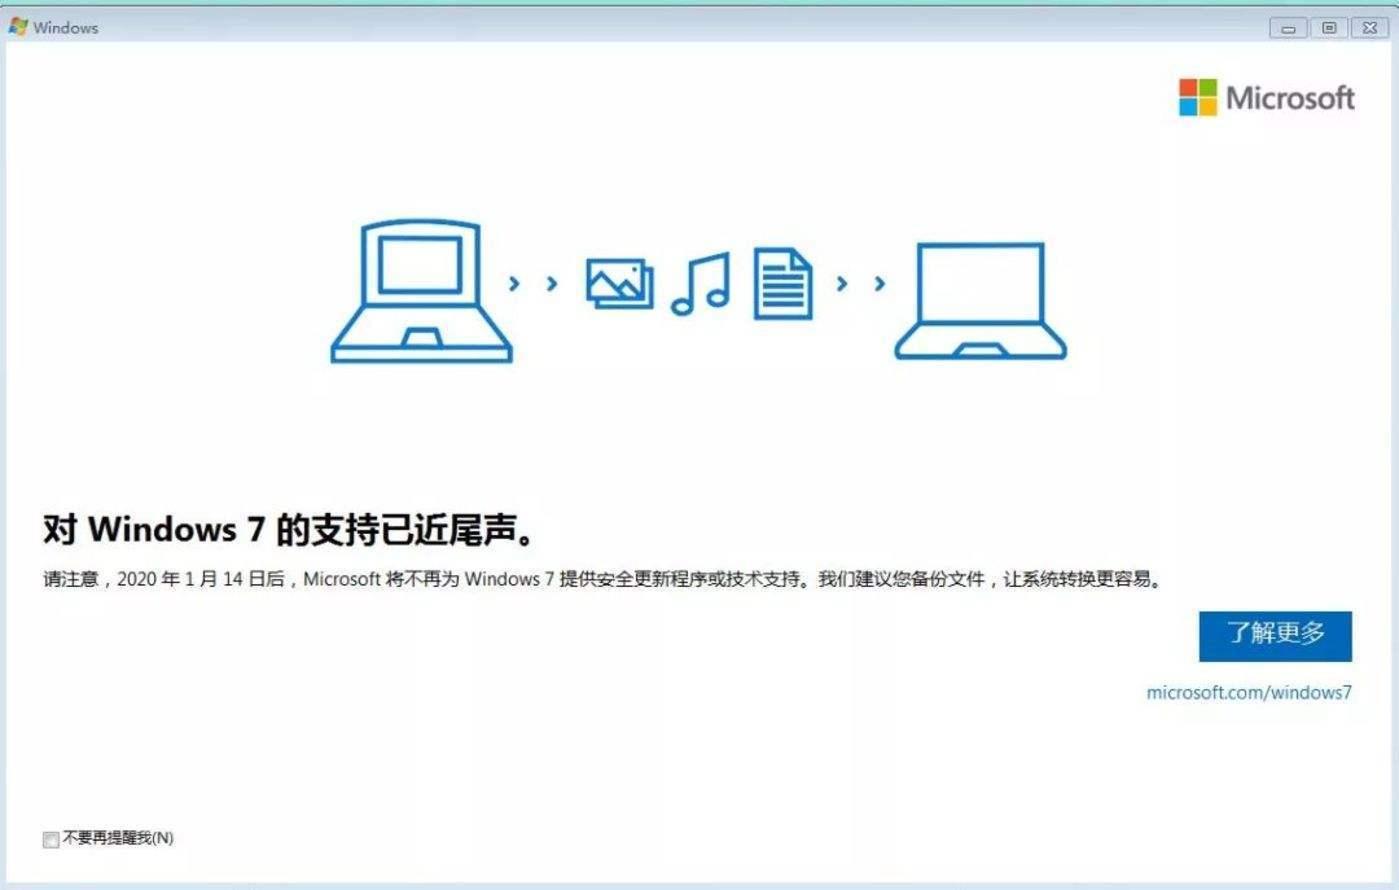 Windows 7正式退休 5亿人死守的Win7?断舍离有多难?